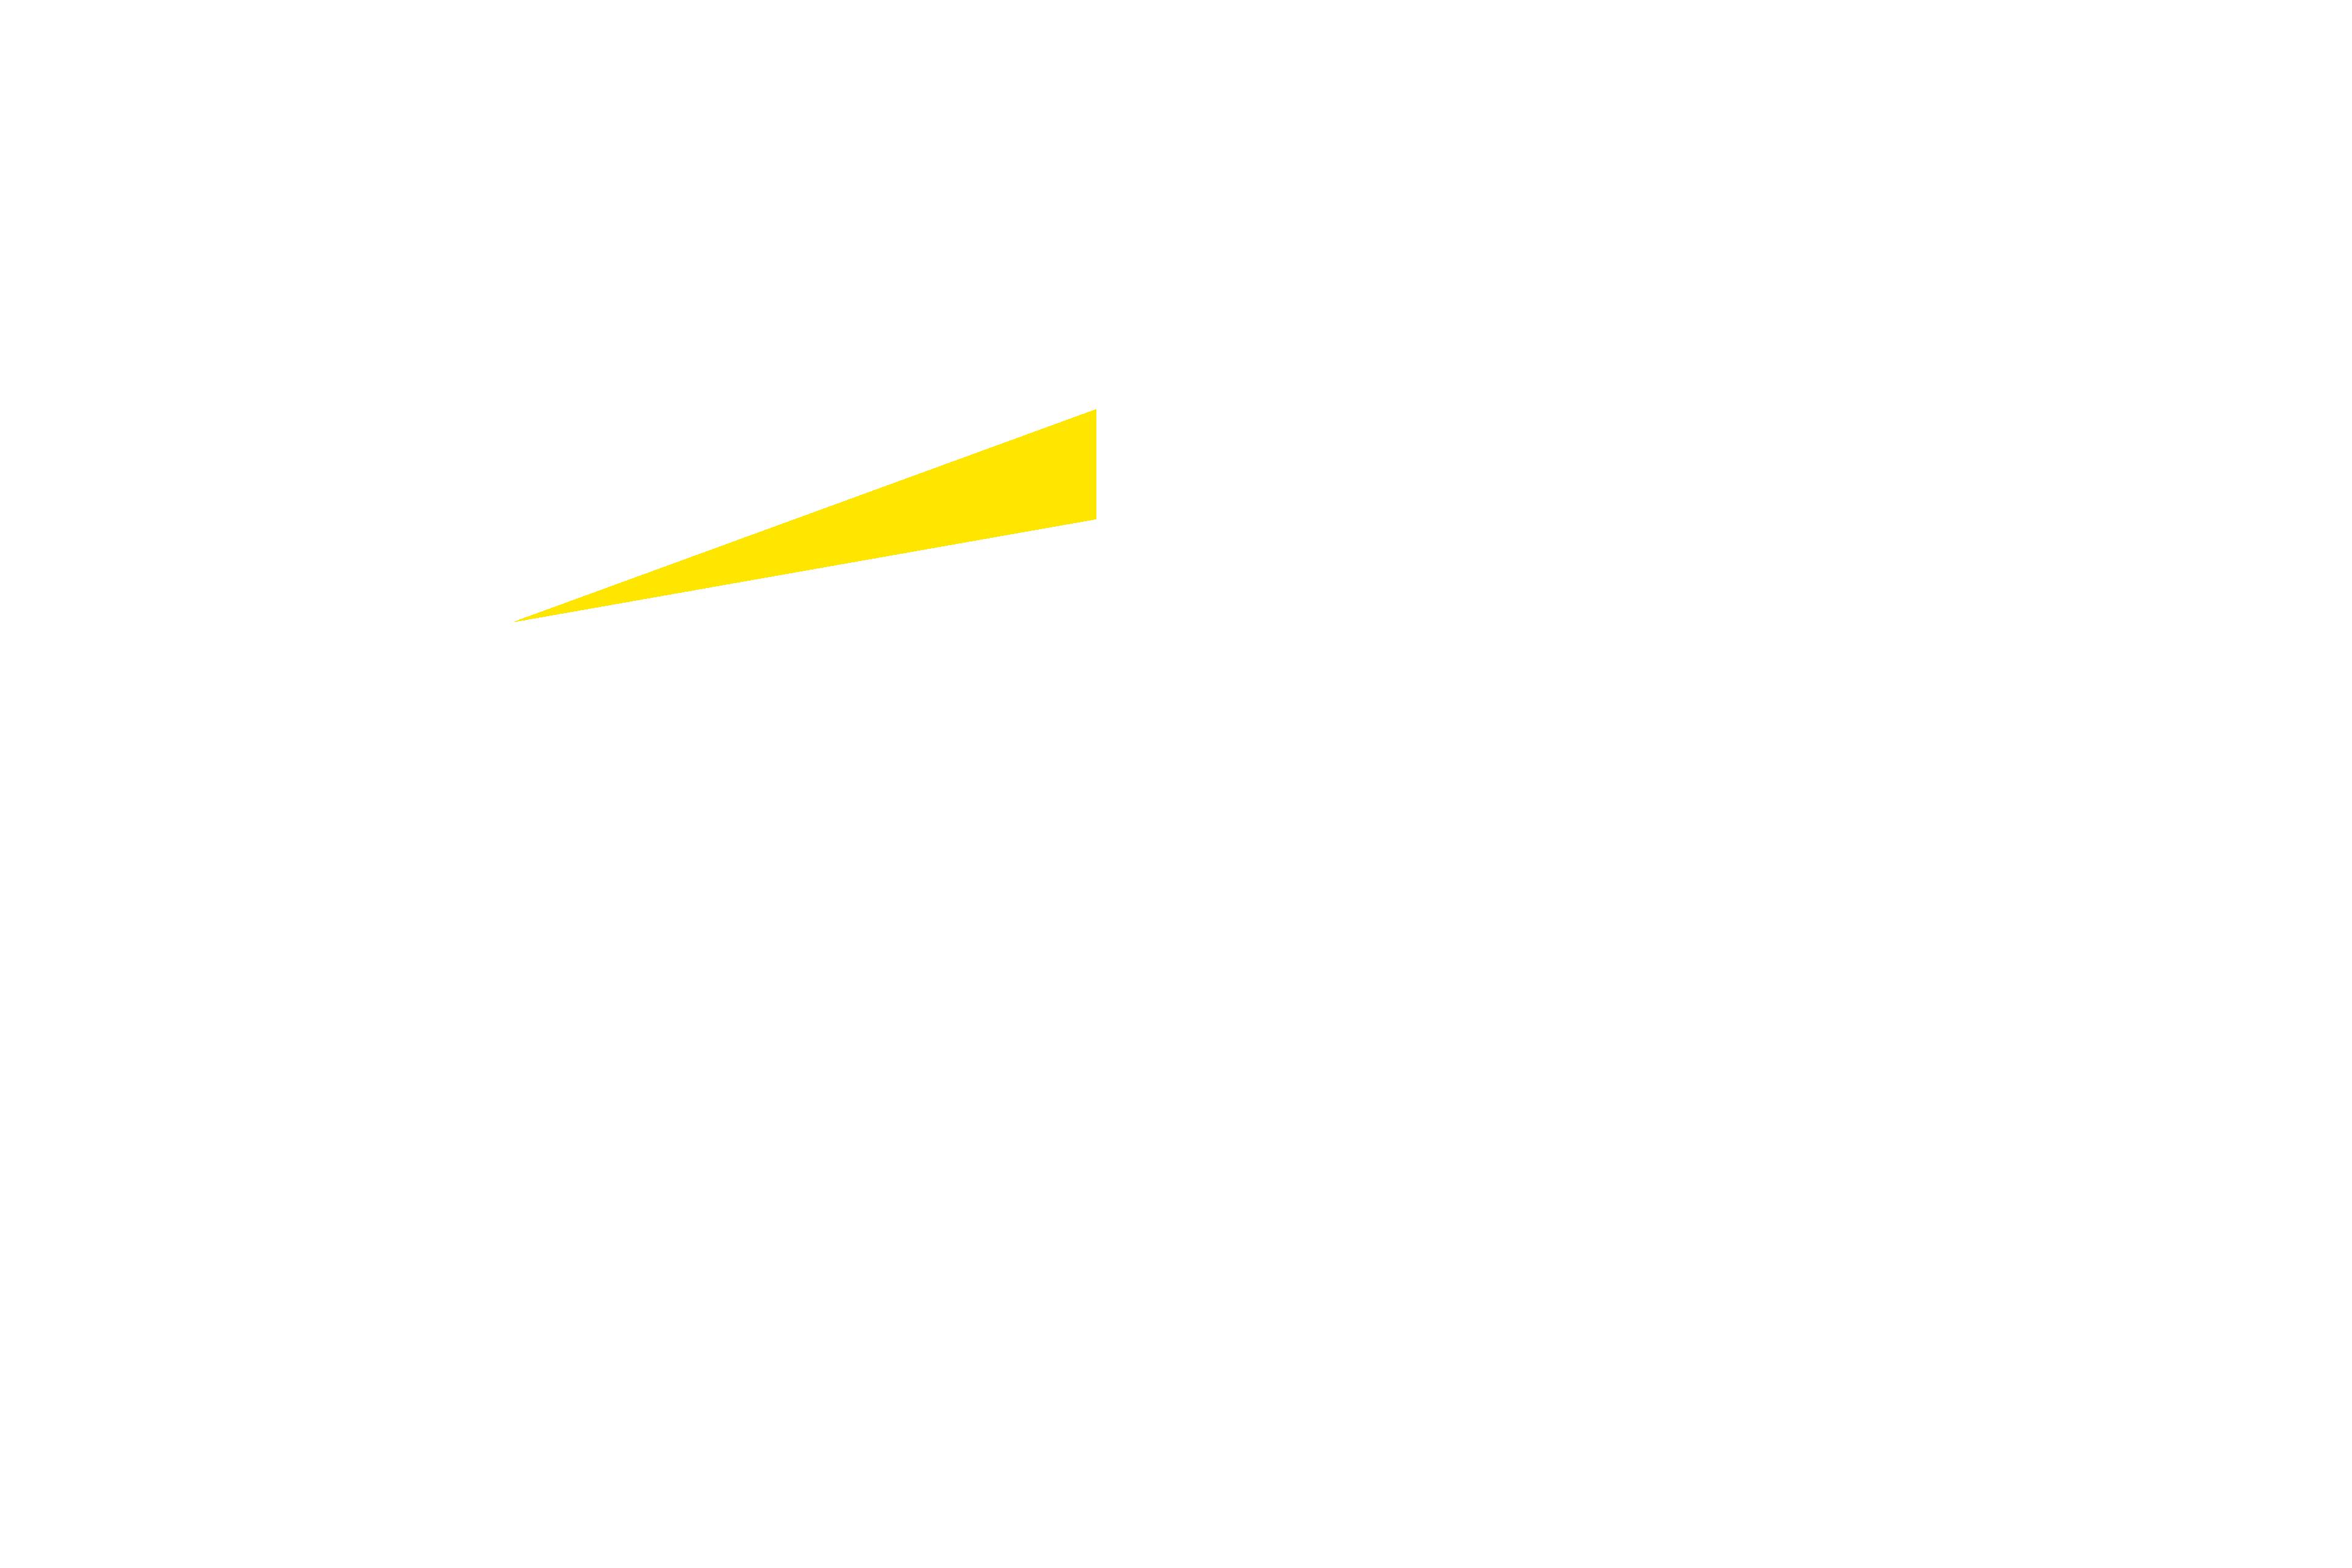 EY Lane4 - Workforce transformation